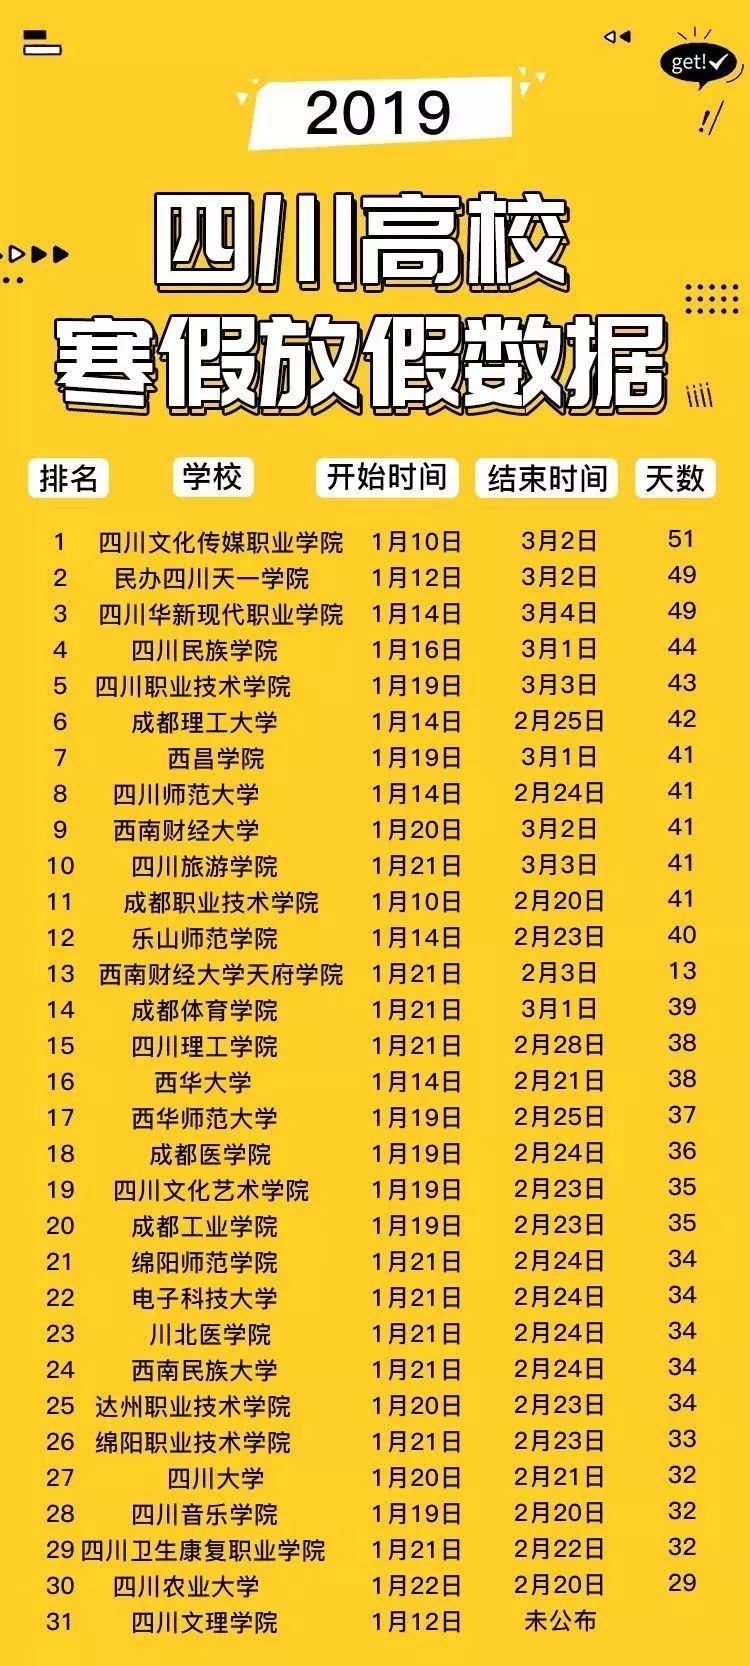 2019广东高校排行榜_围观 广东高校 薪酬榜 出炉 你的收入符合母校的水